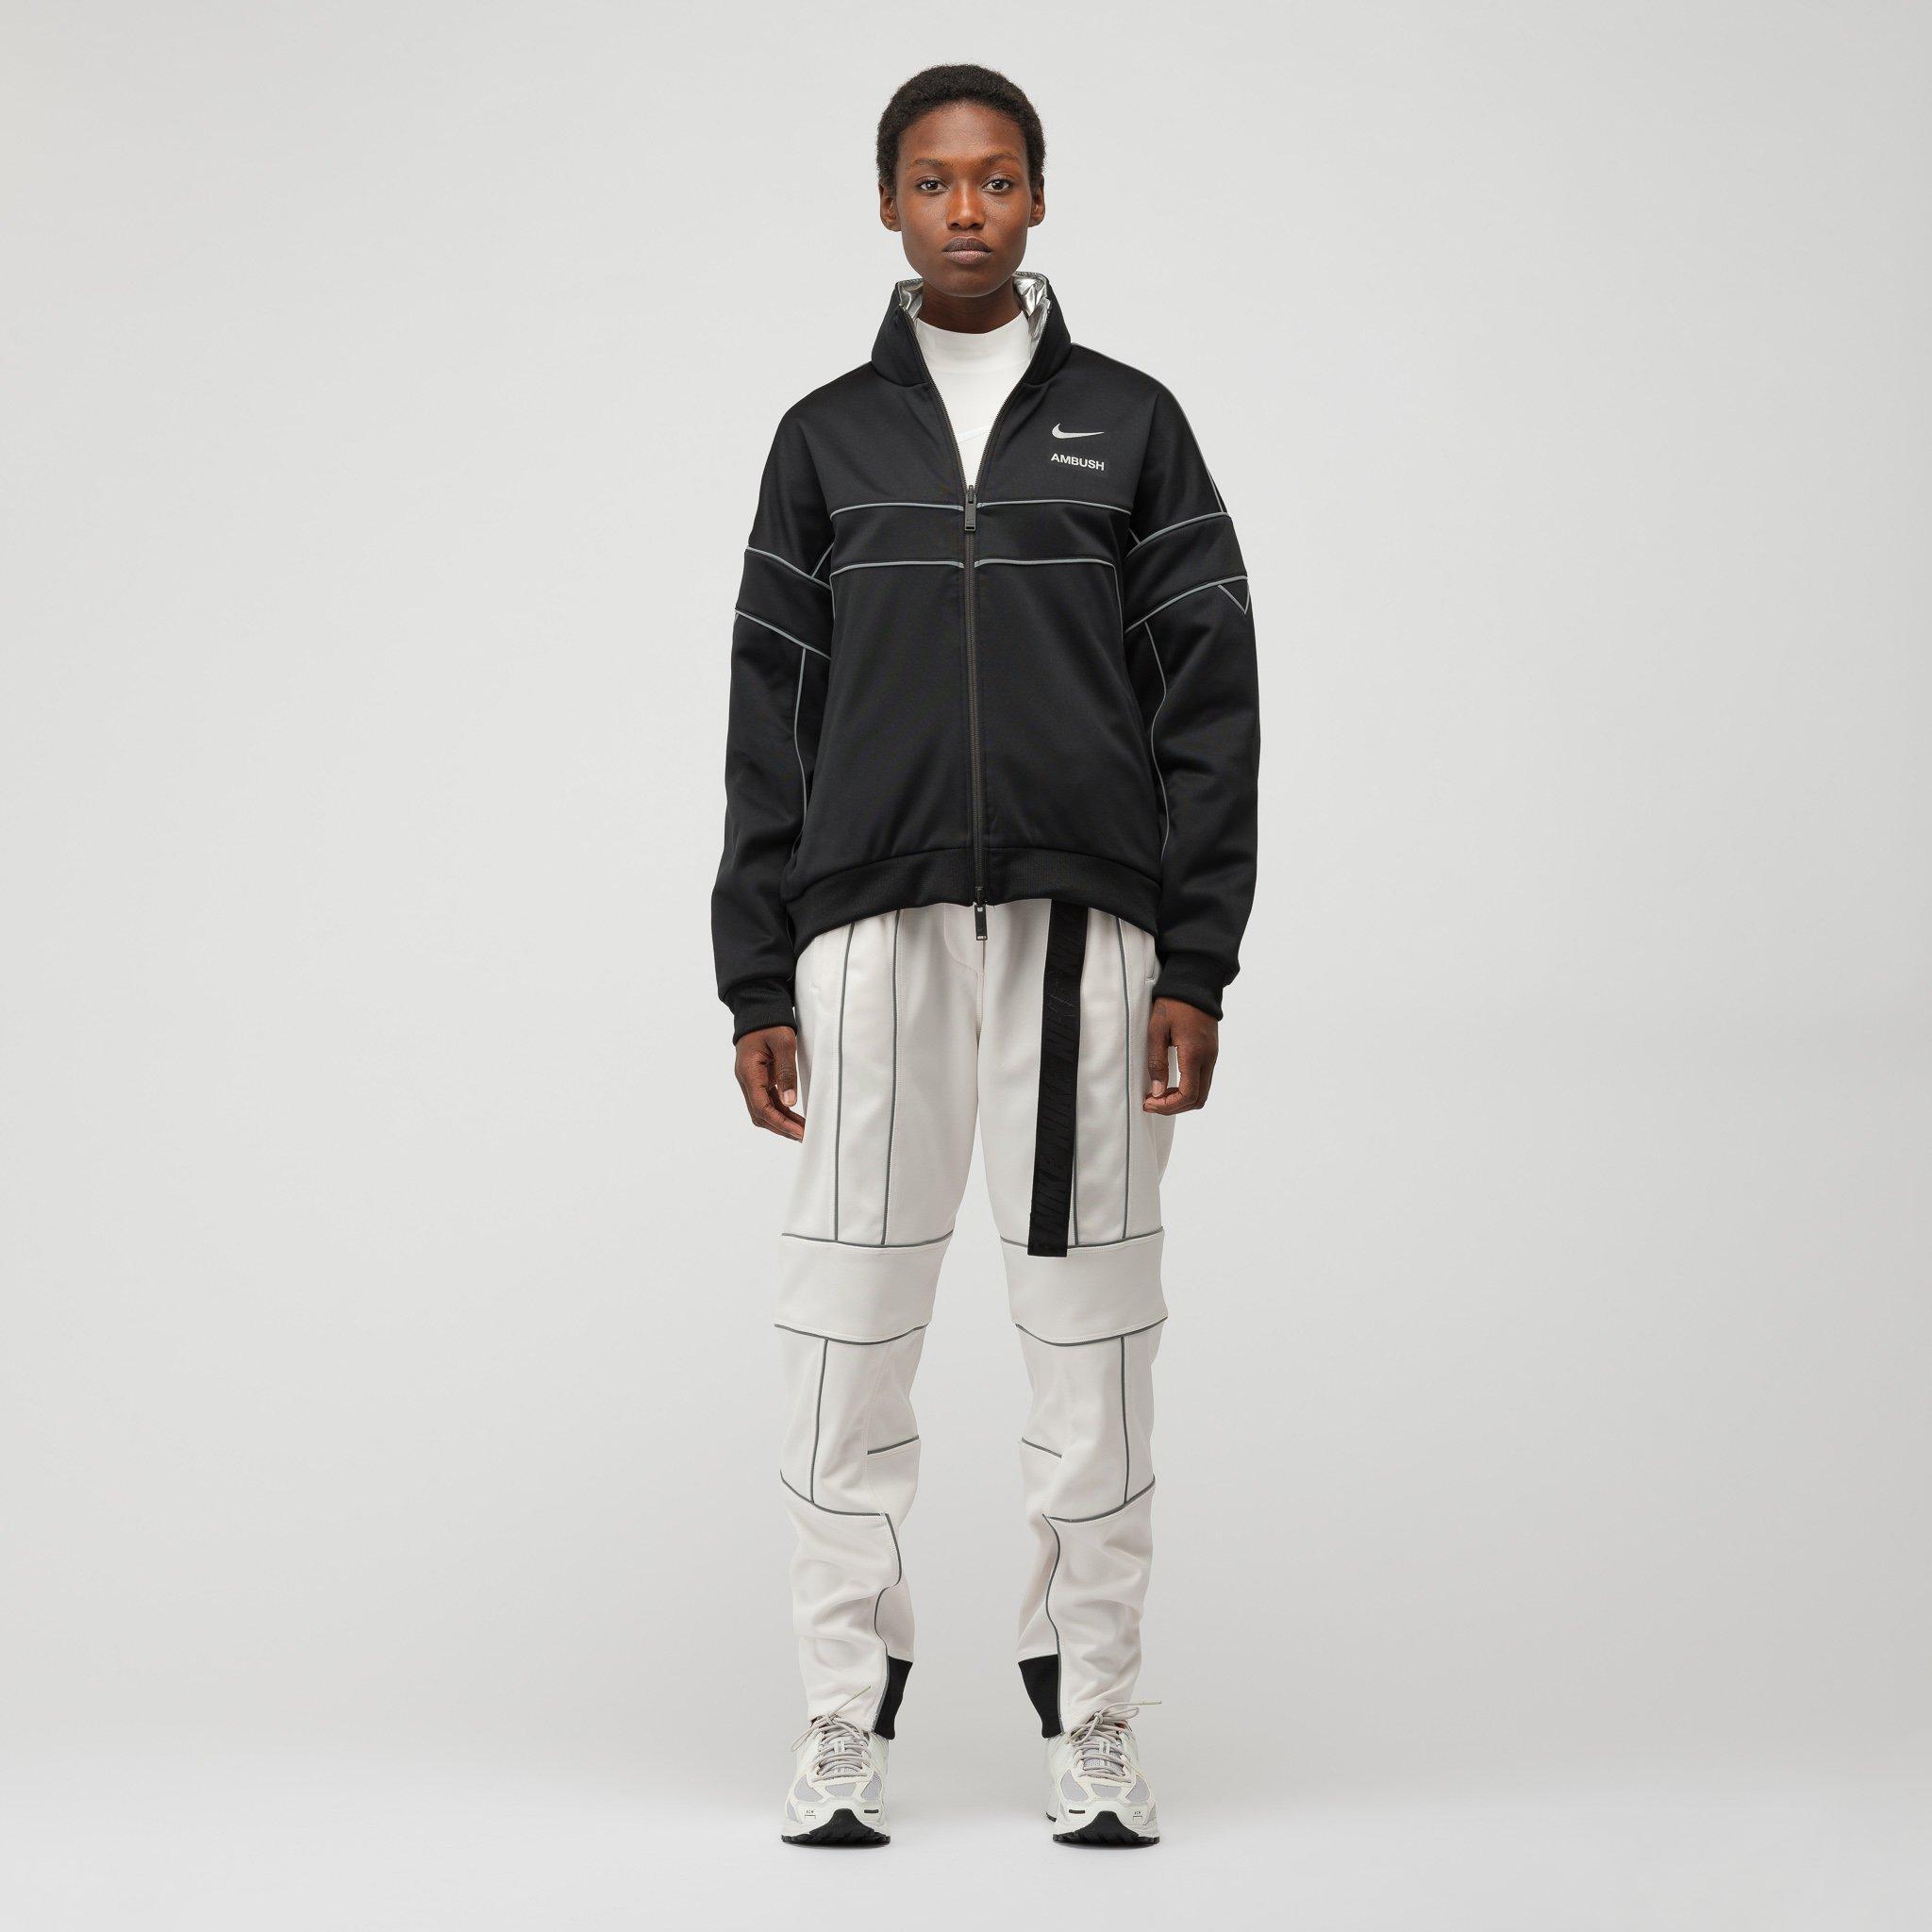 Tierras altas corazón perdido físicamente  Nike Synthetic X Ambush Reversible Jacket in Black - Lyst